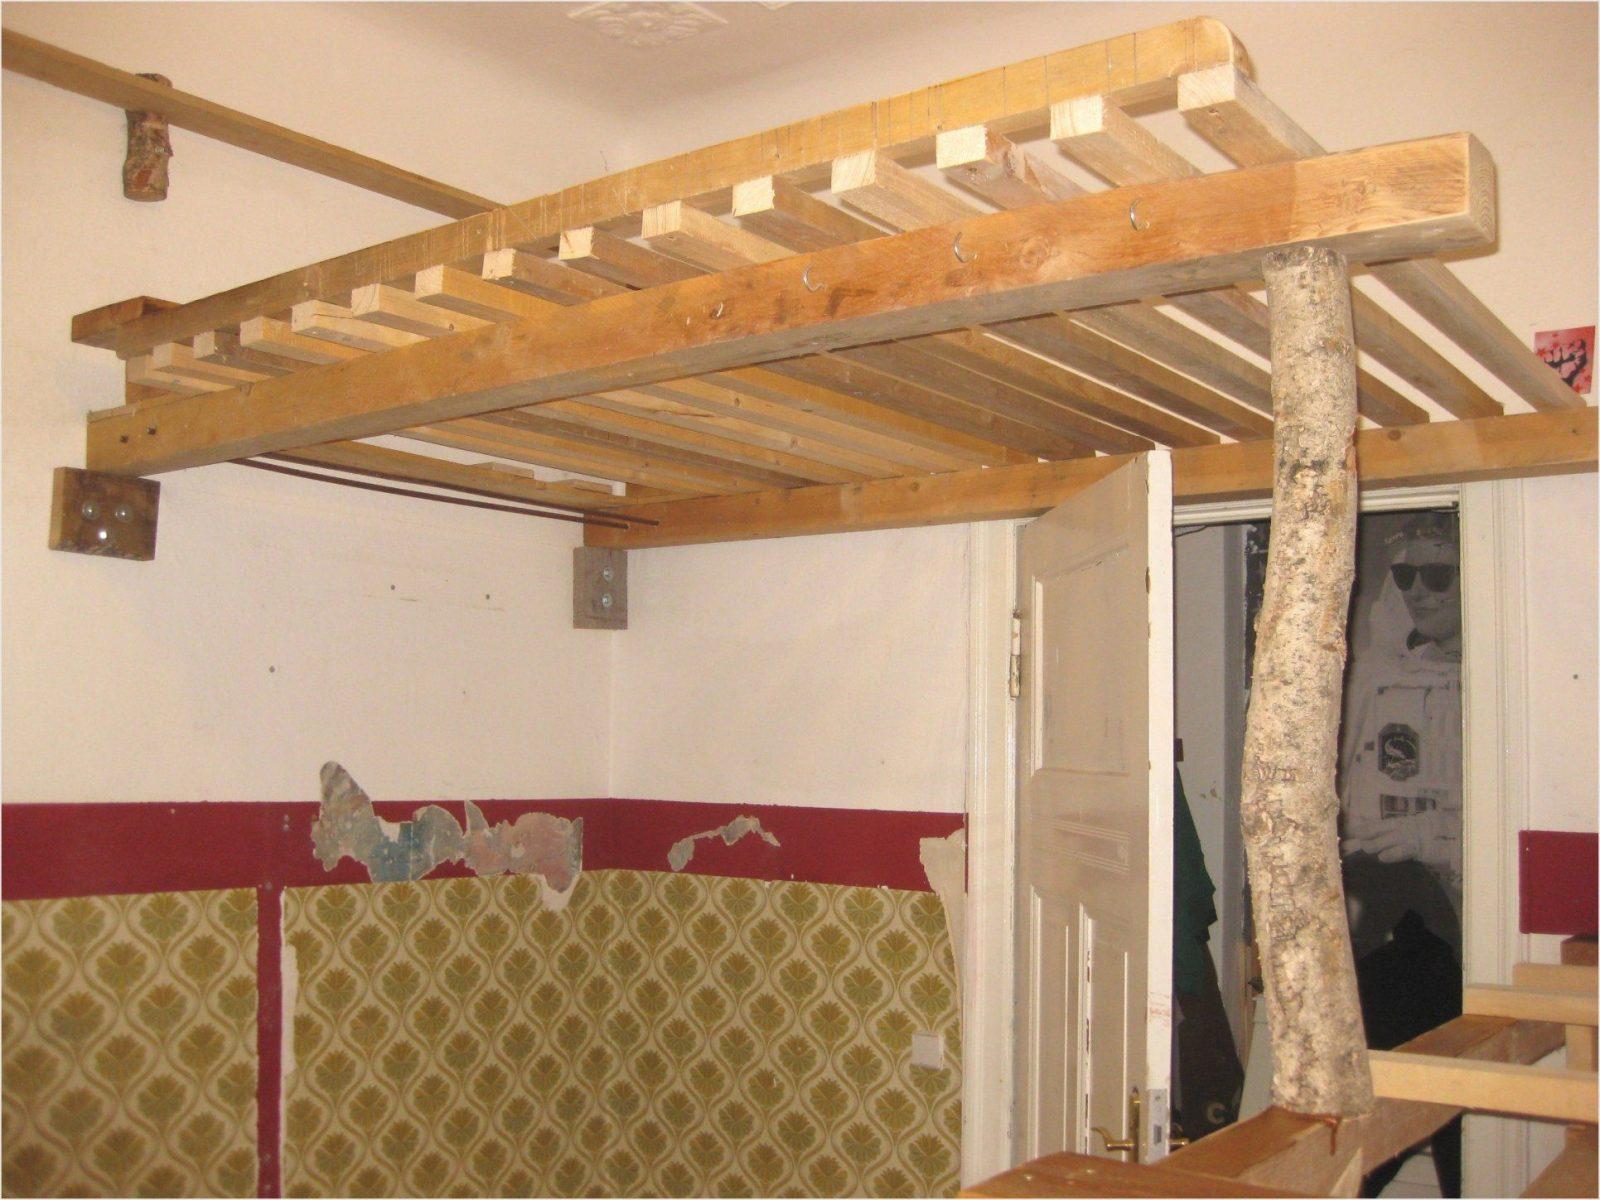 Schöne Hochbett Holz Selber Bauen Qn84 Hitoiro Hochbett Selber Avec von Hochbett Selber Bauen Altbau Photo